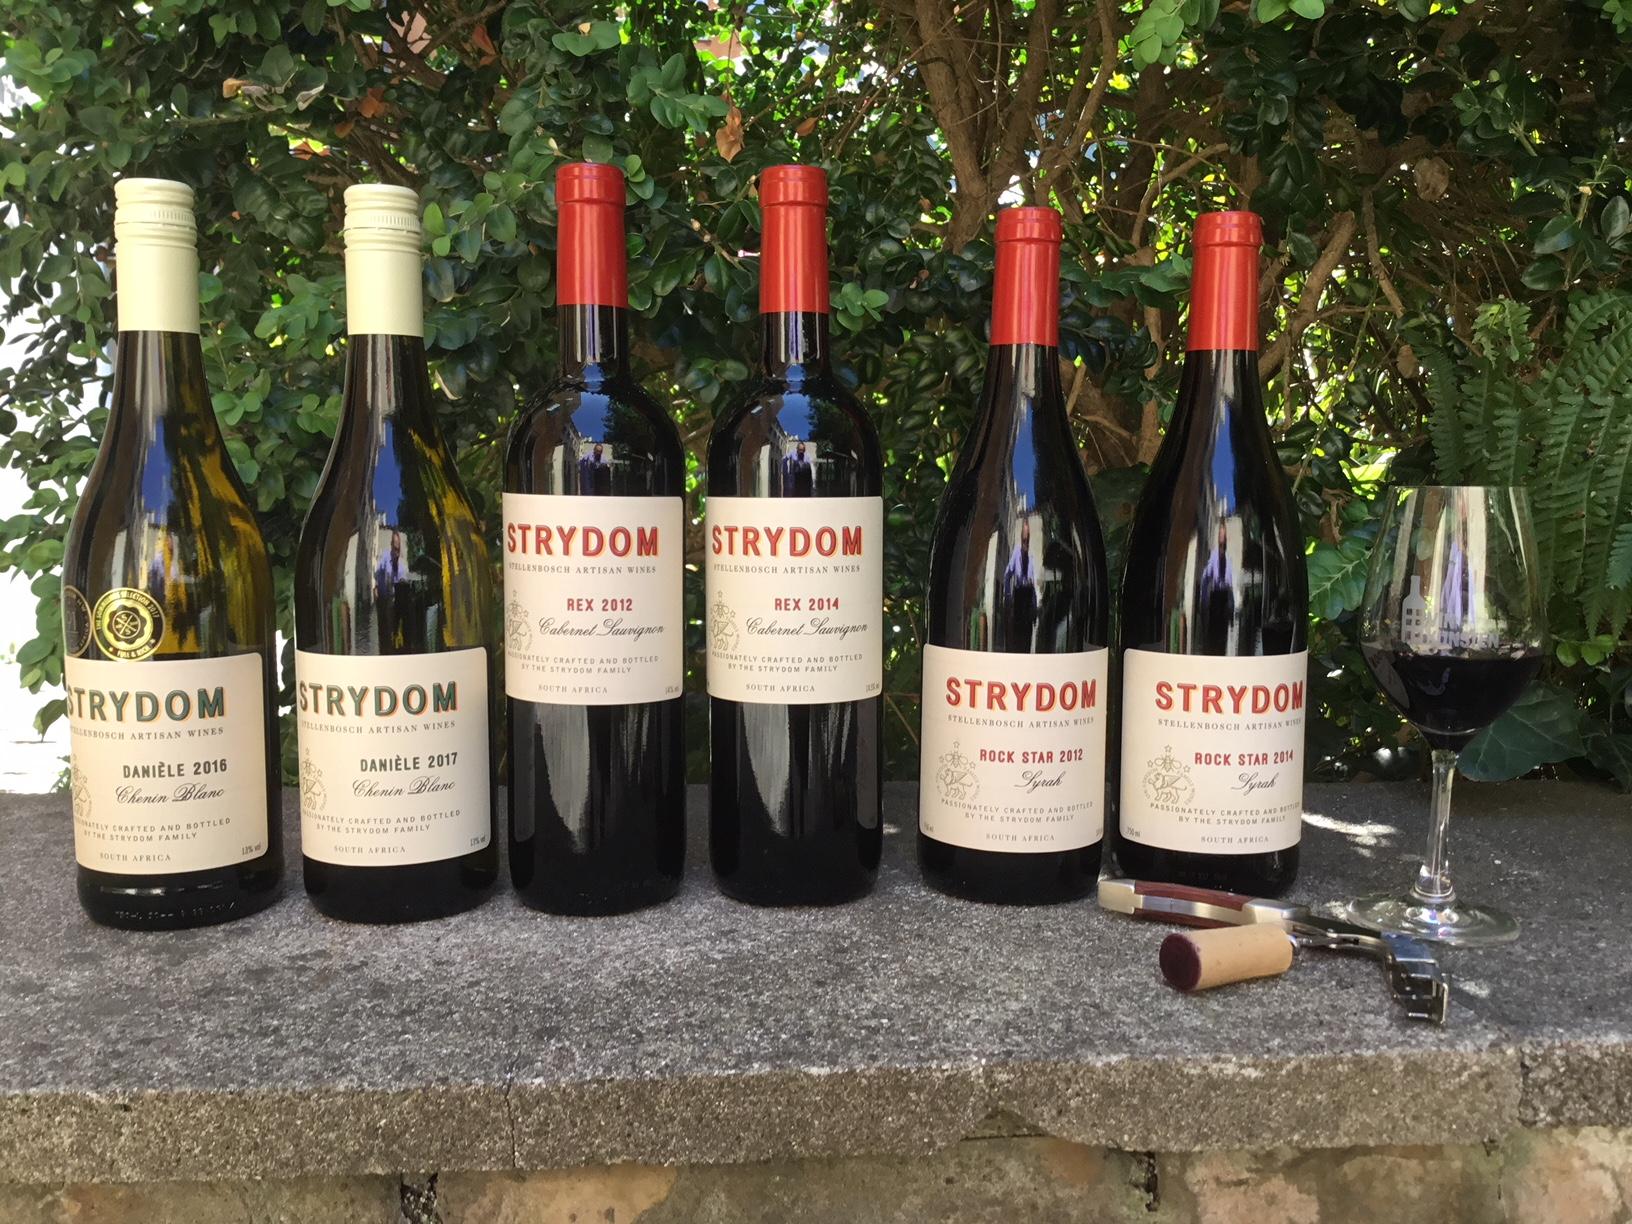 Vinsmagning med Sydafrikas bedste kvindlige vinmager. Fredag 31. august kl 18-20